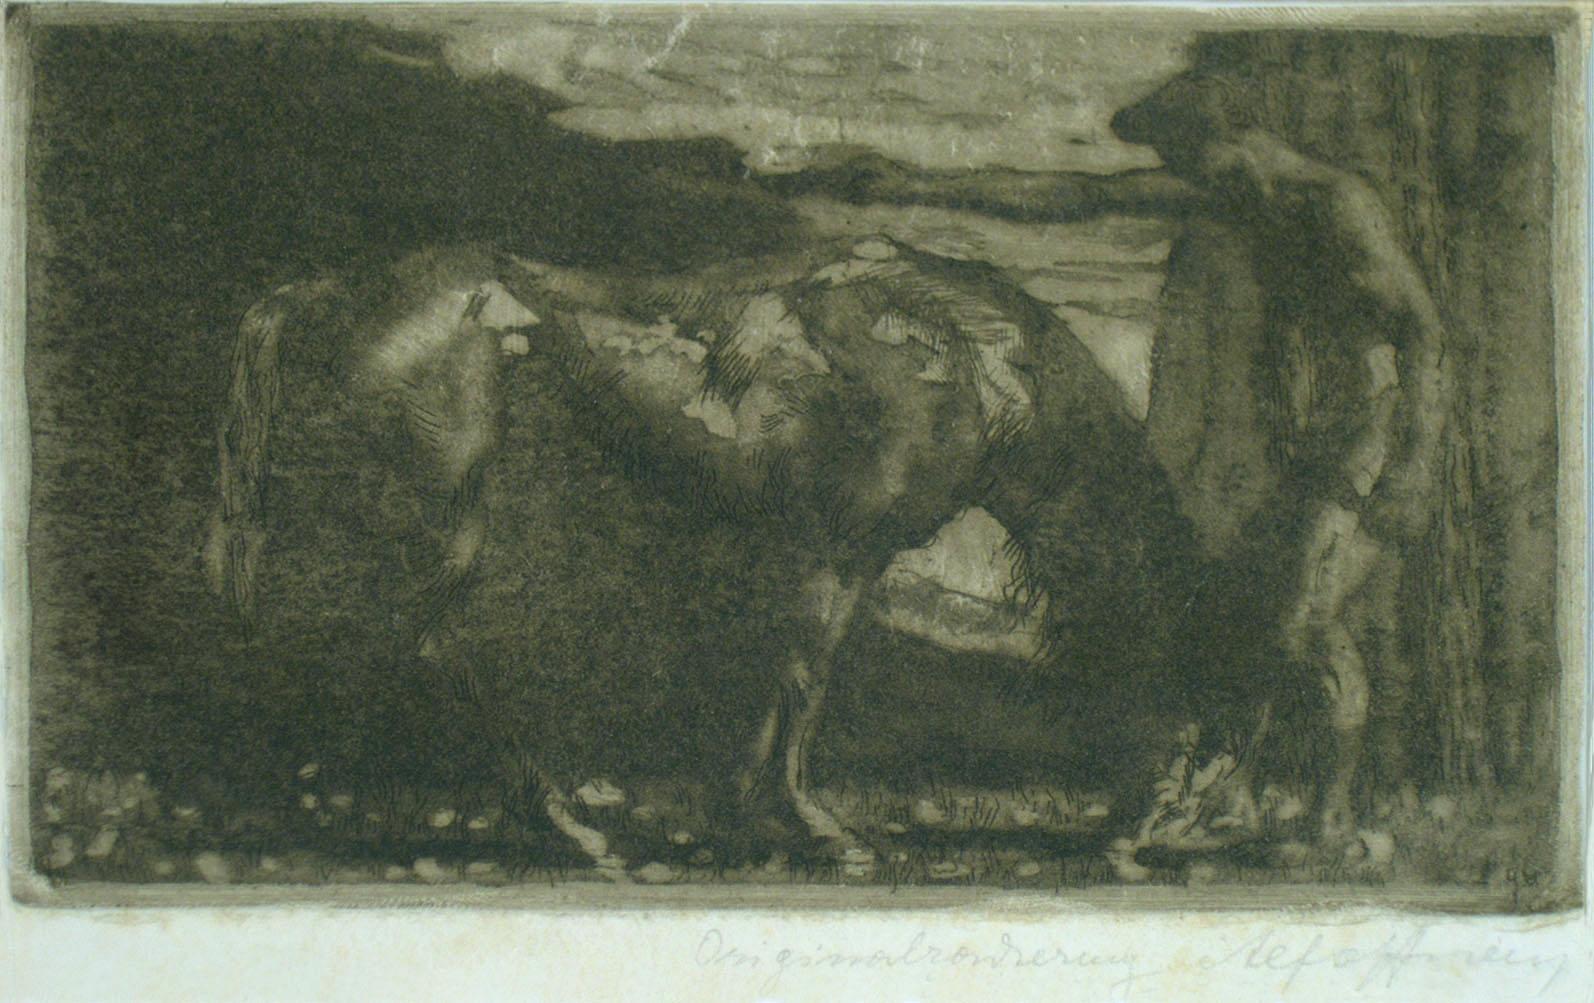 97-9kn buher.jpg (1594×1003)